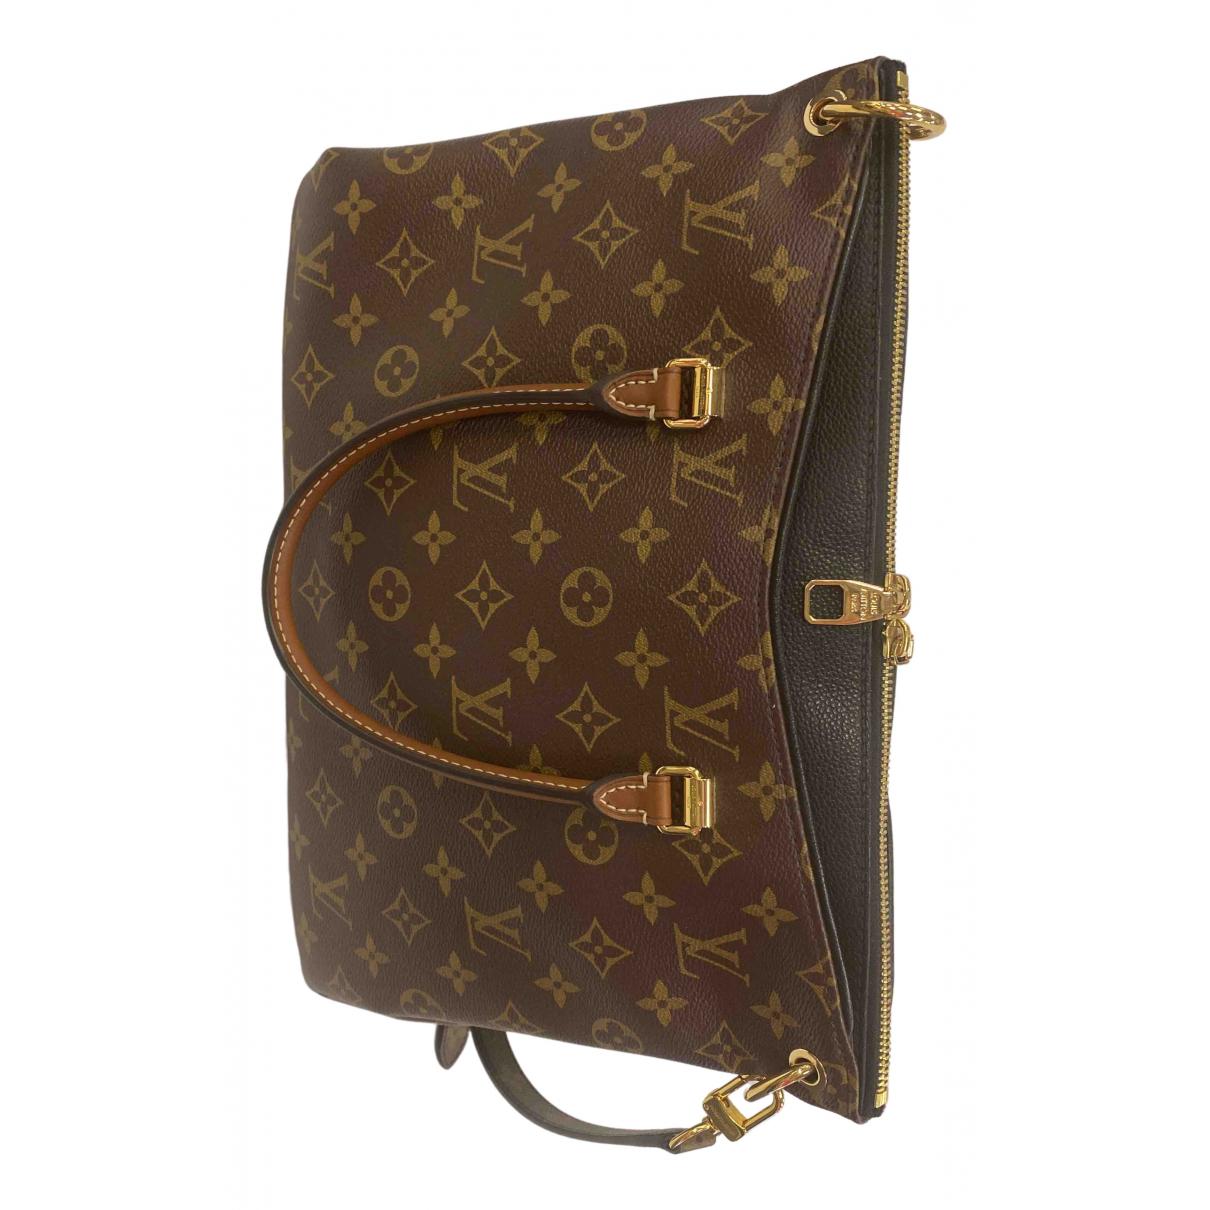 Bolso  Pallas de Lona Louis Vuitton